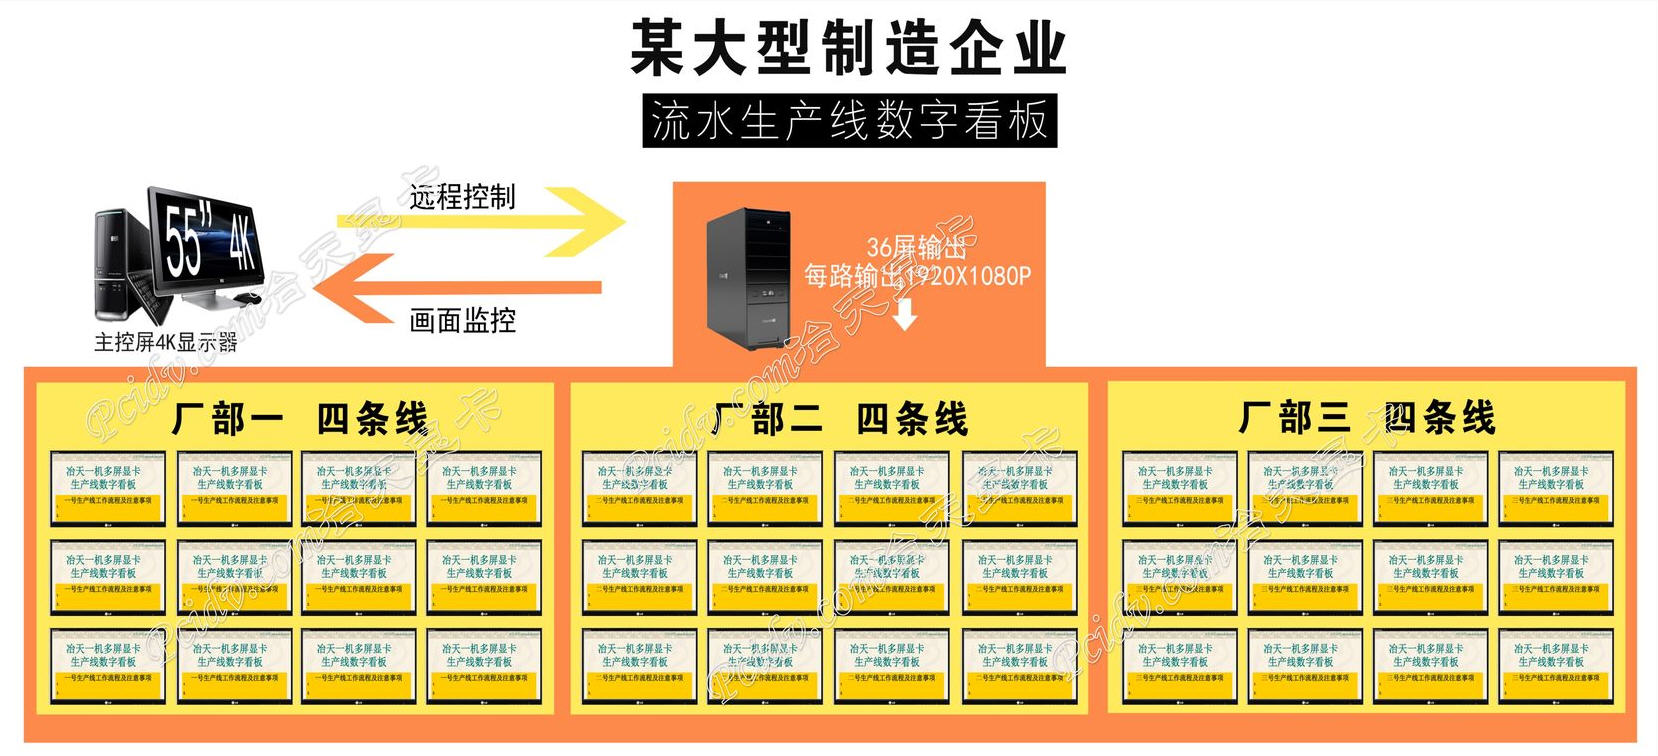 冶天多屏显卡一机36屏输出大型制造企业生产流水线作业指导书数字看板管理系统